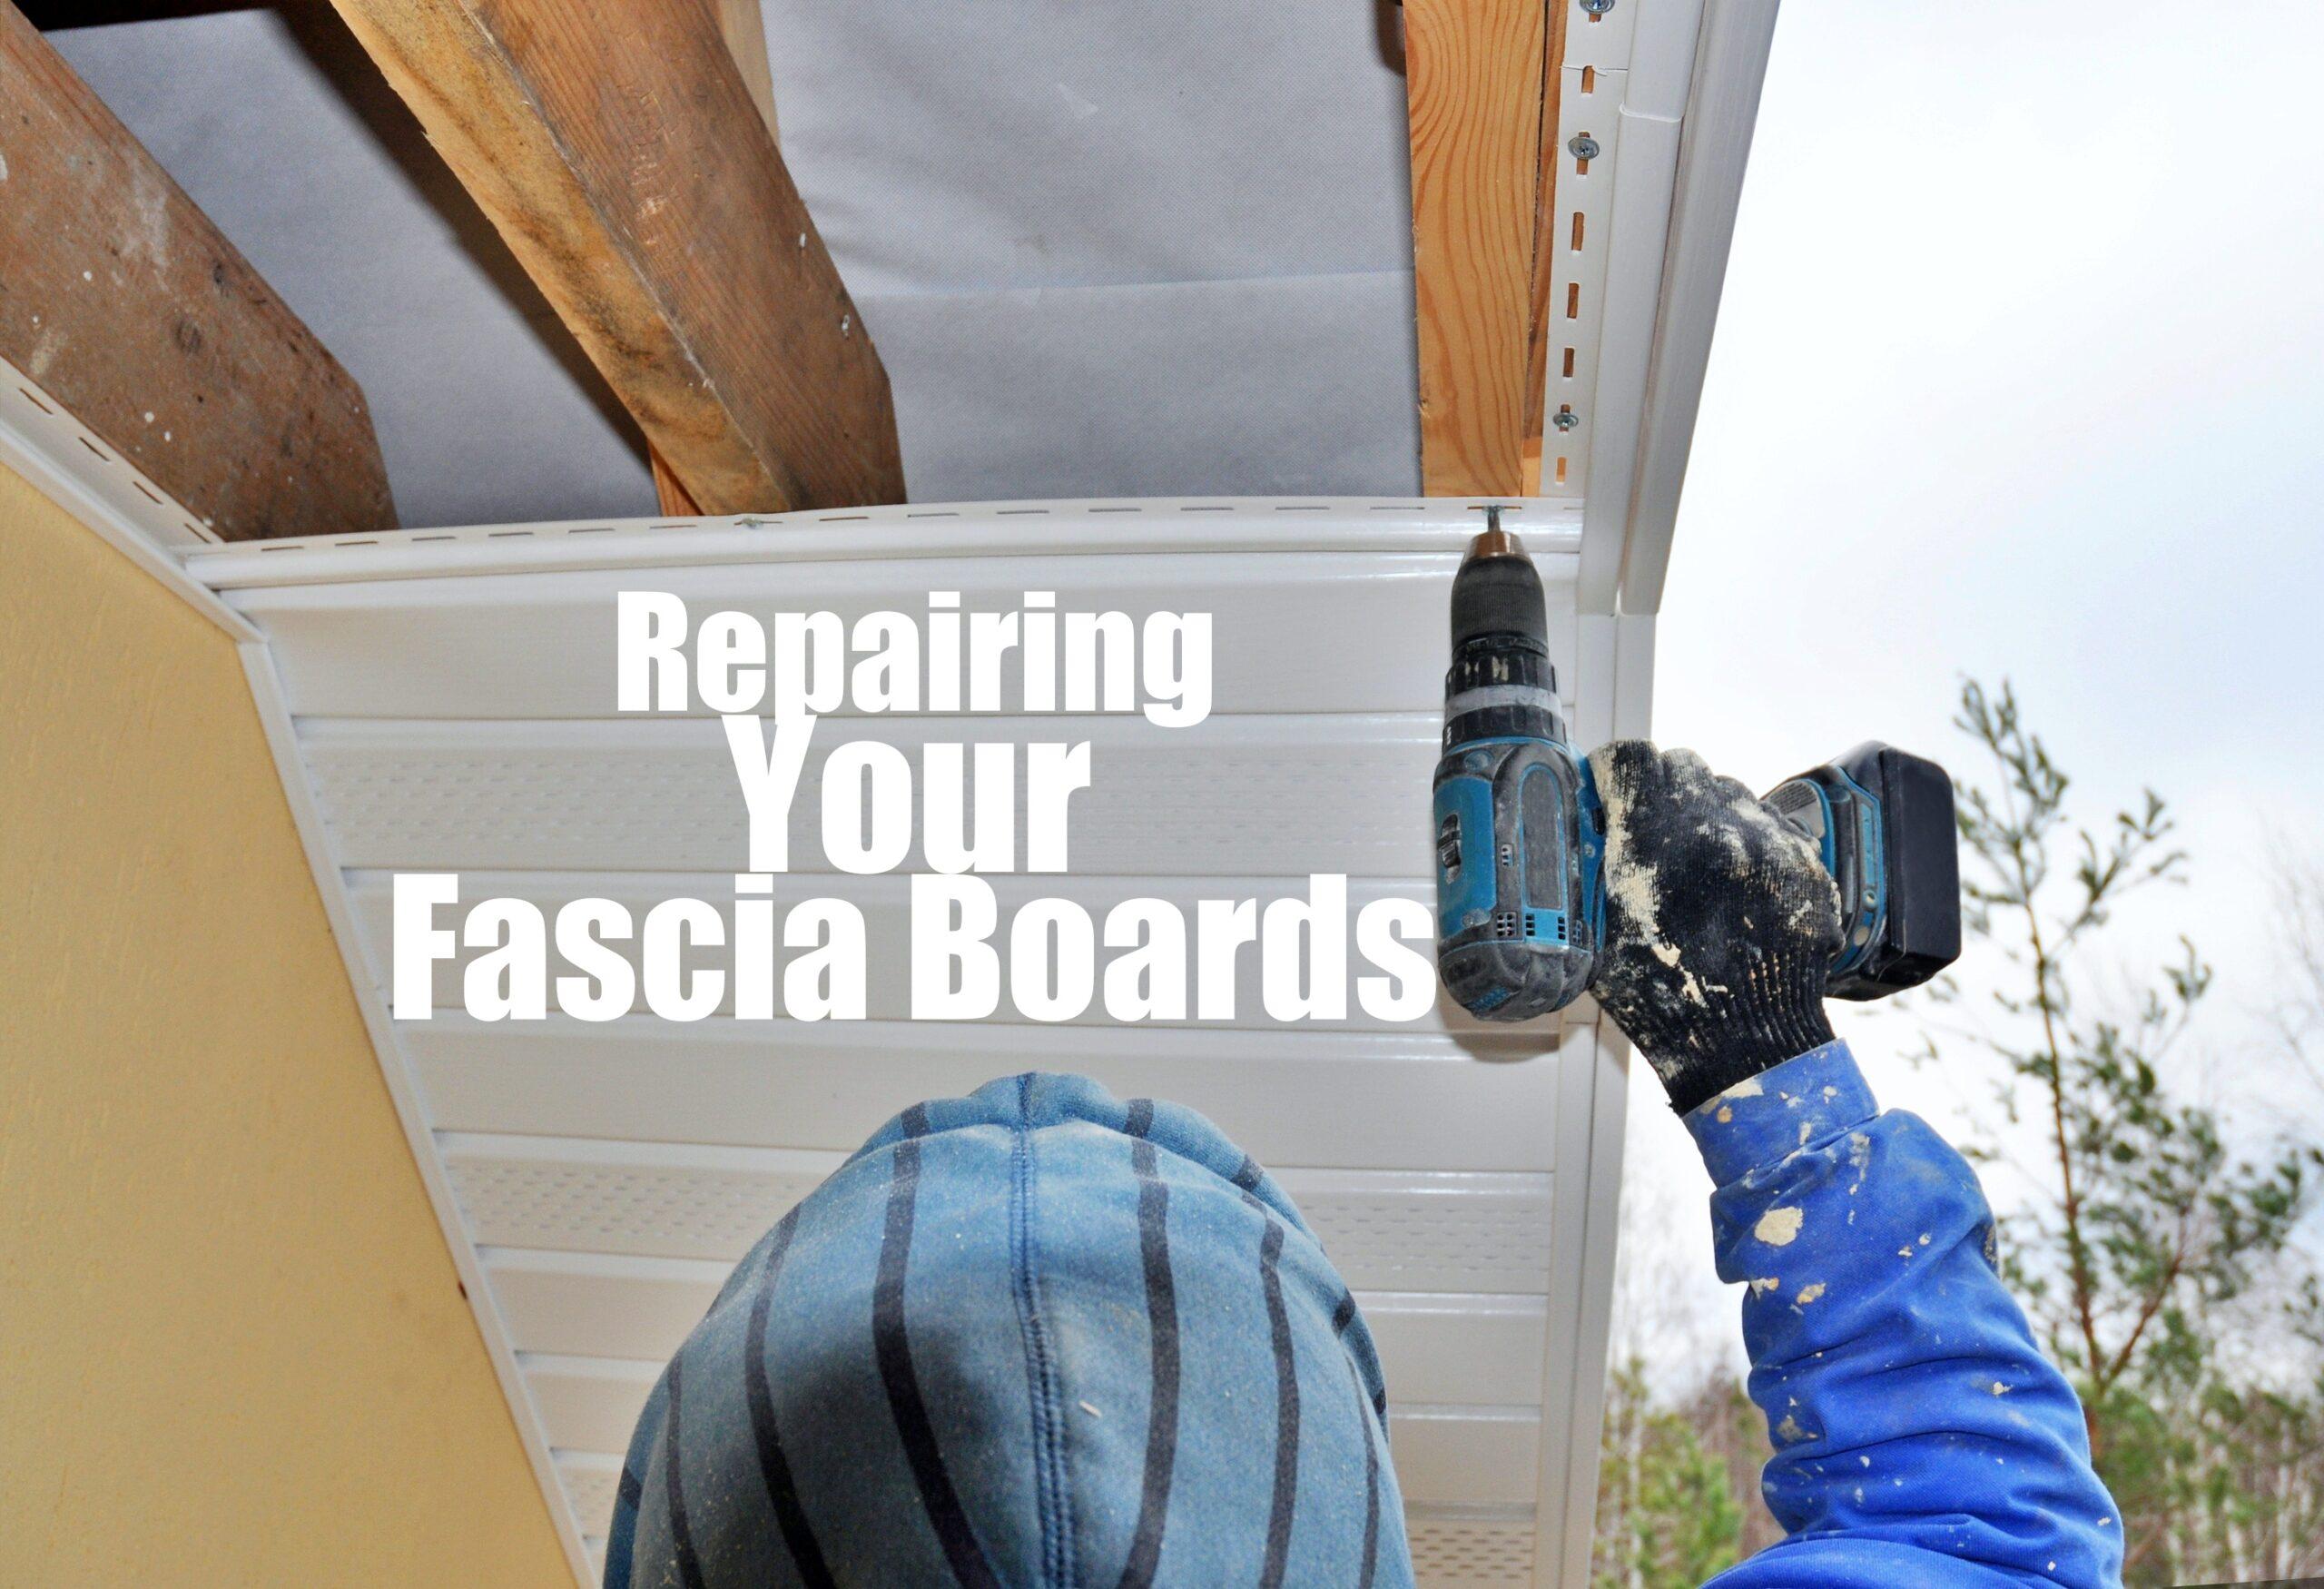 repairing your fascia boards